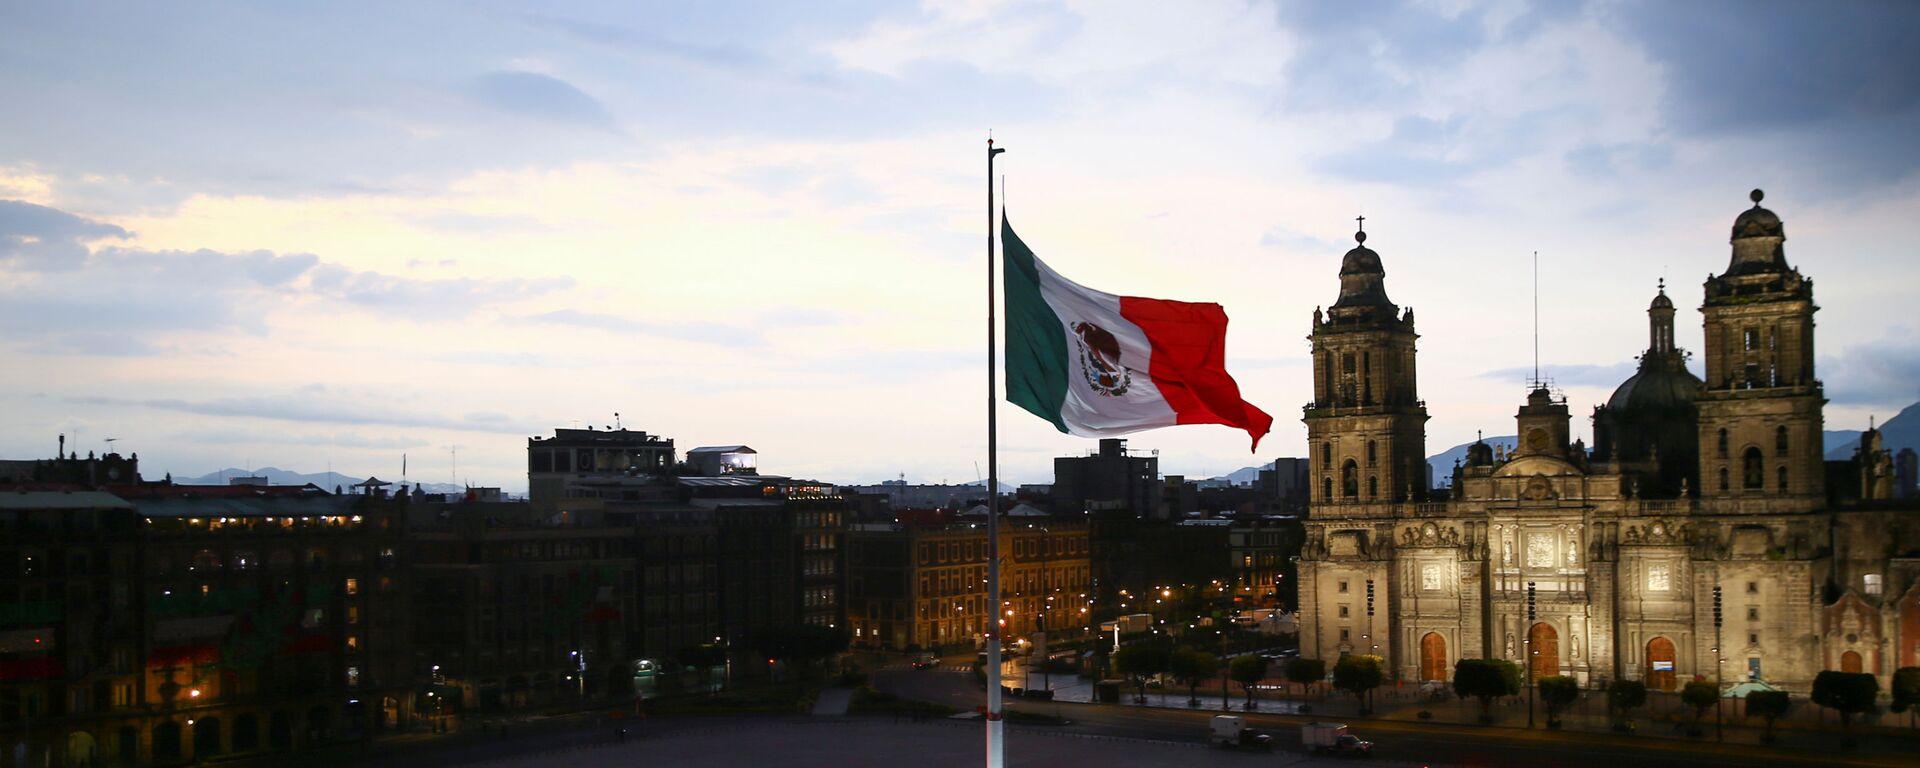 Zócalo de la Ciudad de México durante la celebración del 210 aniversario de la independencia - Sputnik Mundo, 1920, 14.09.2021